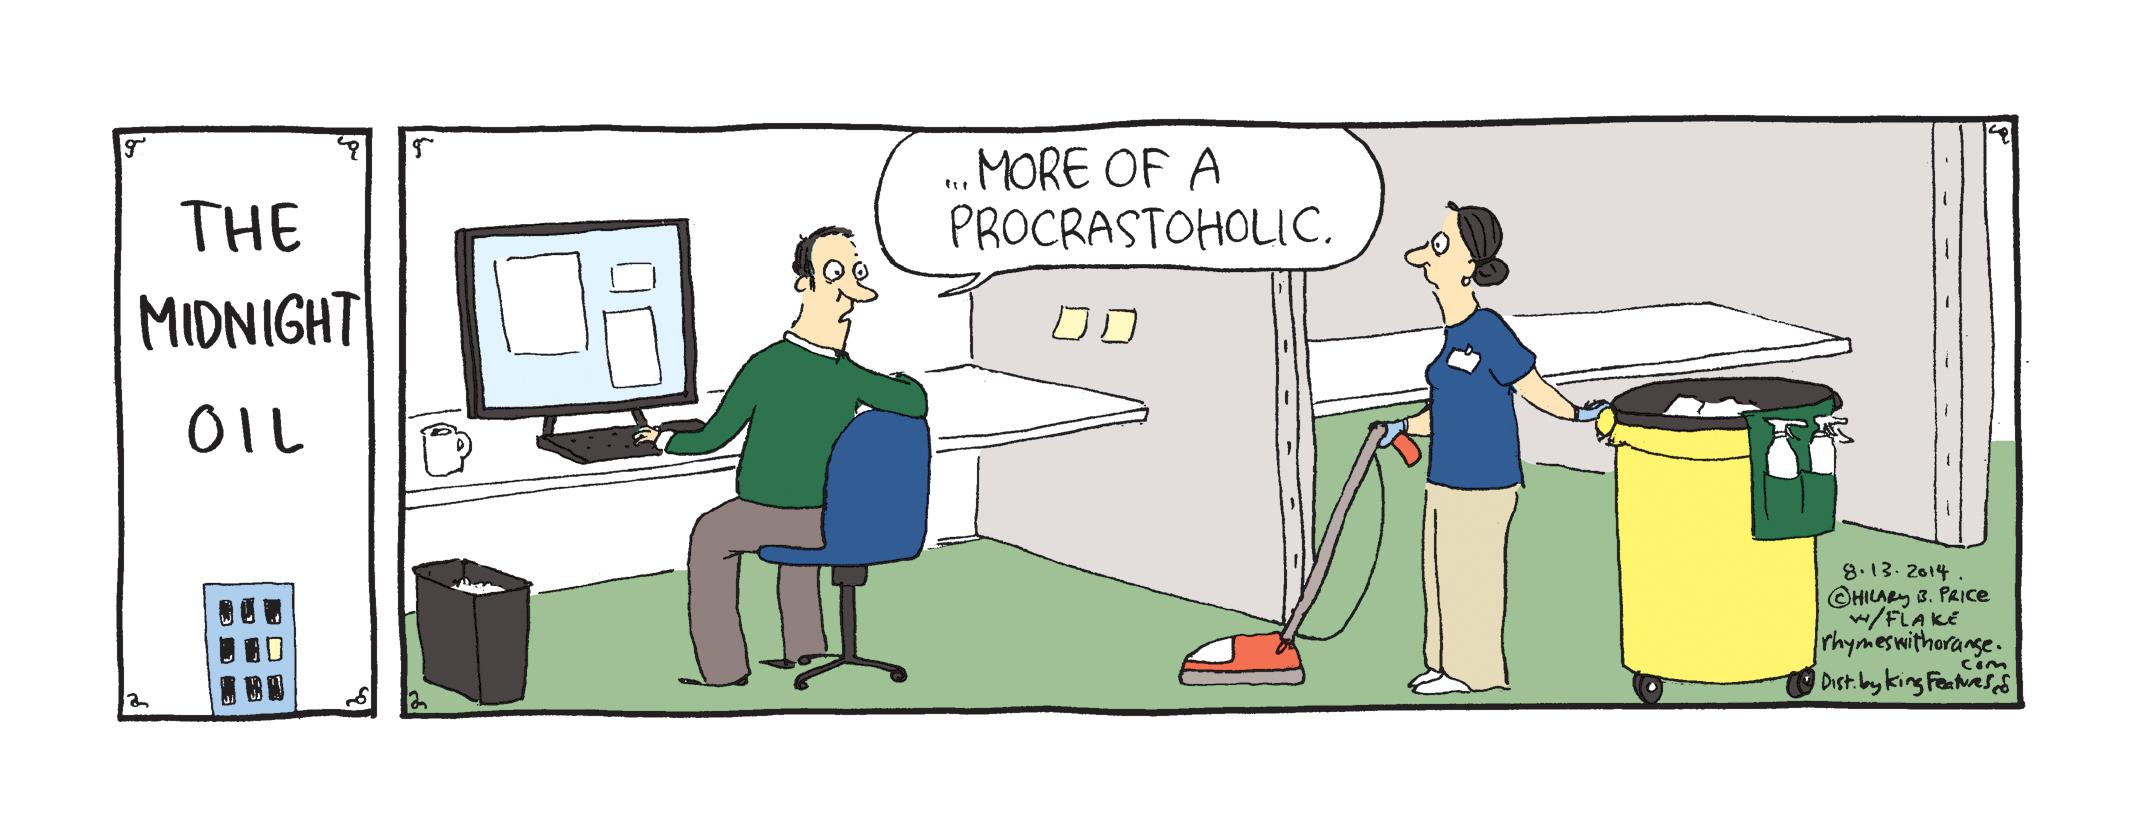 Procastoholic.jpg